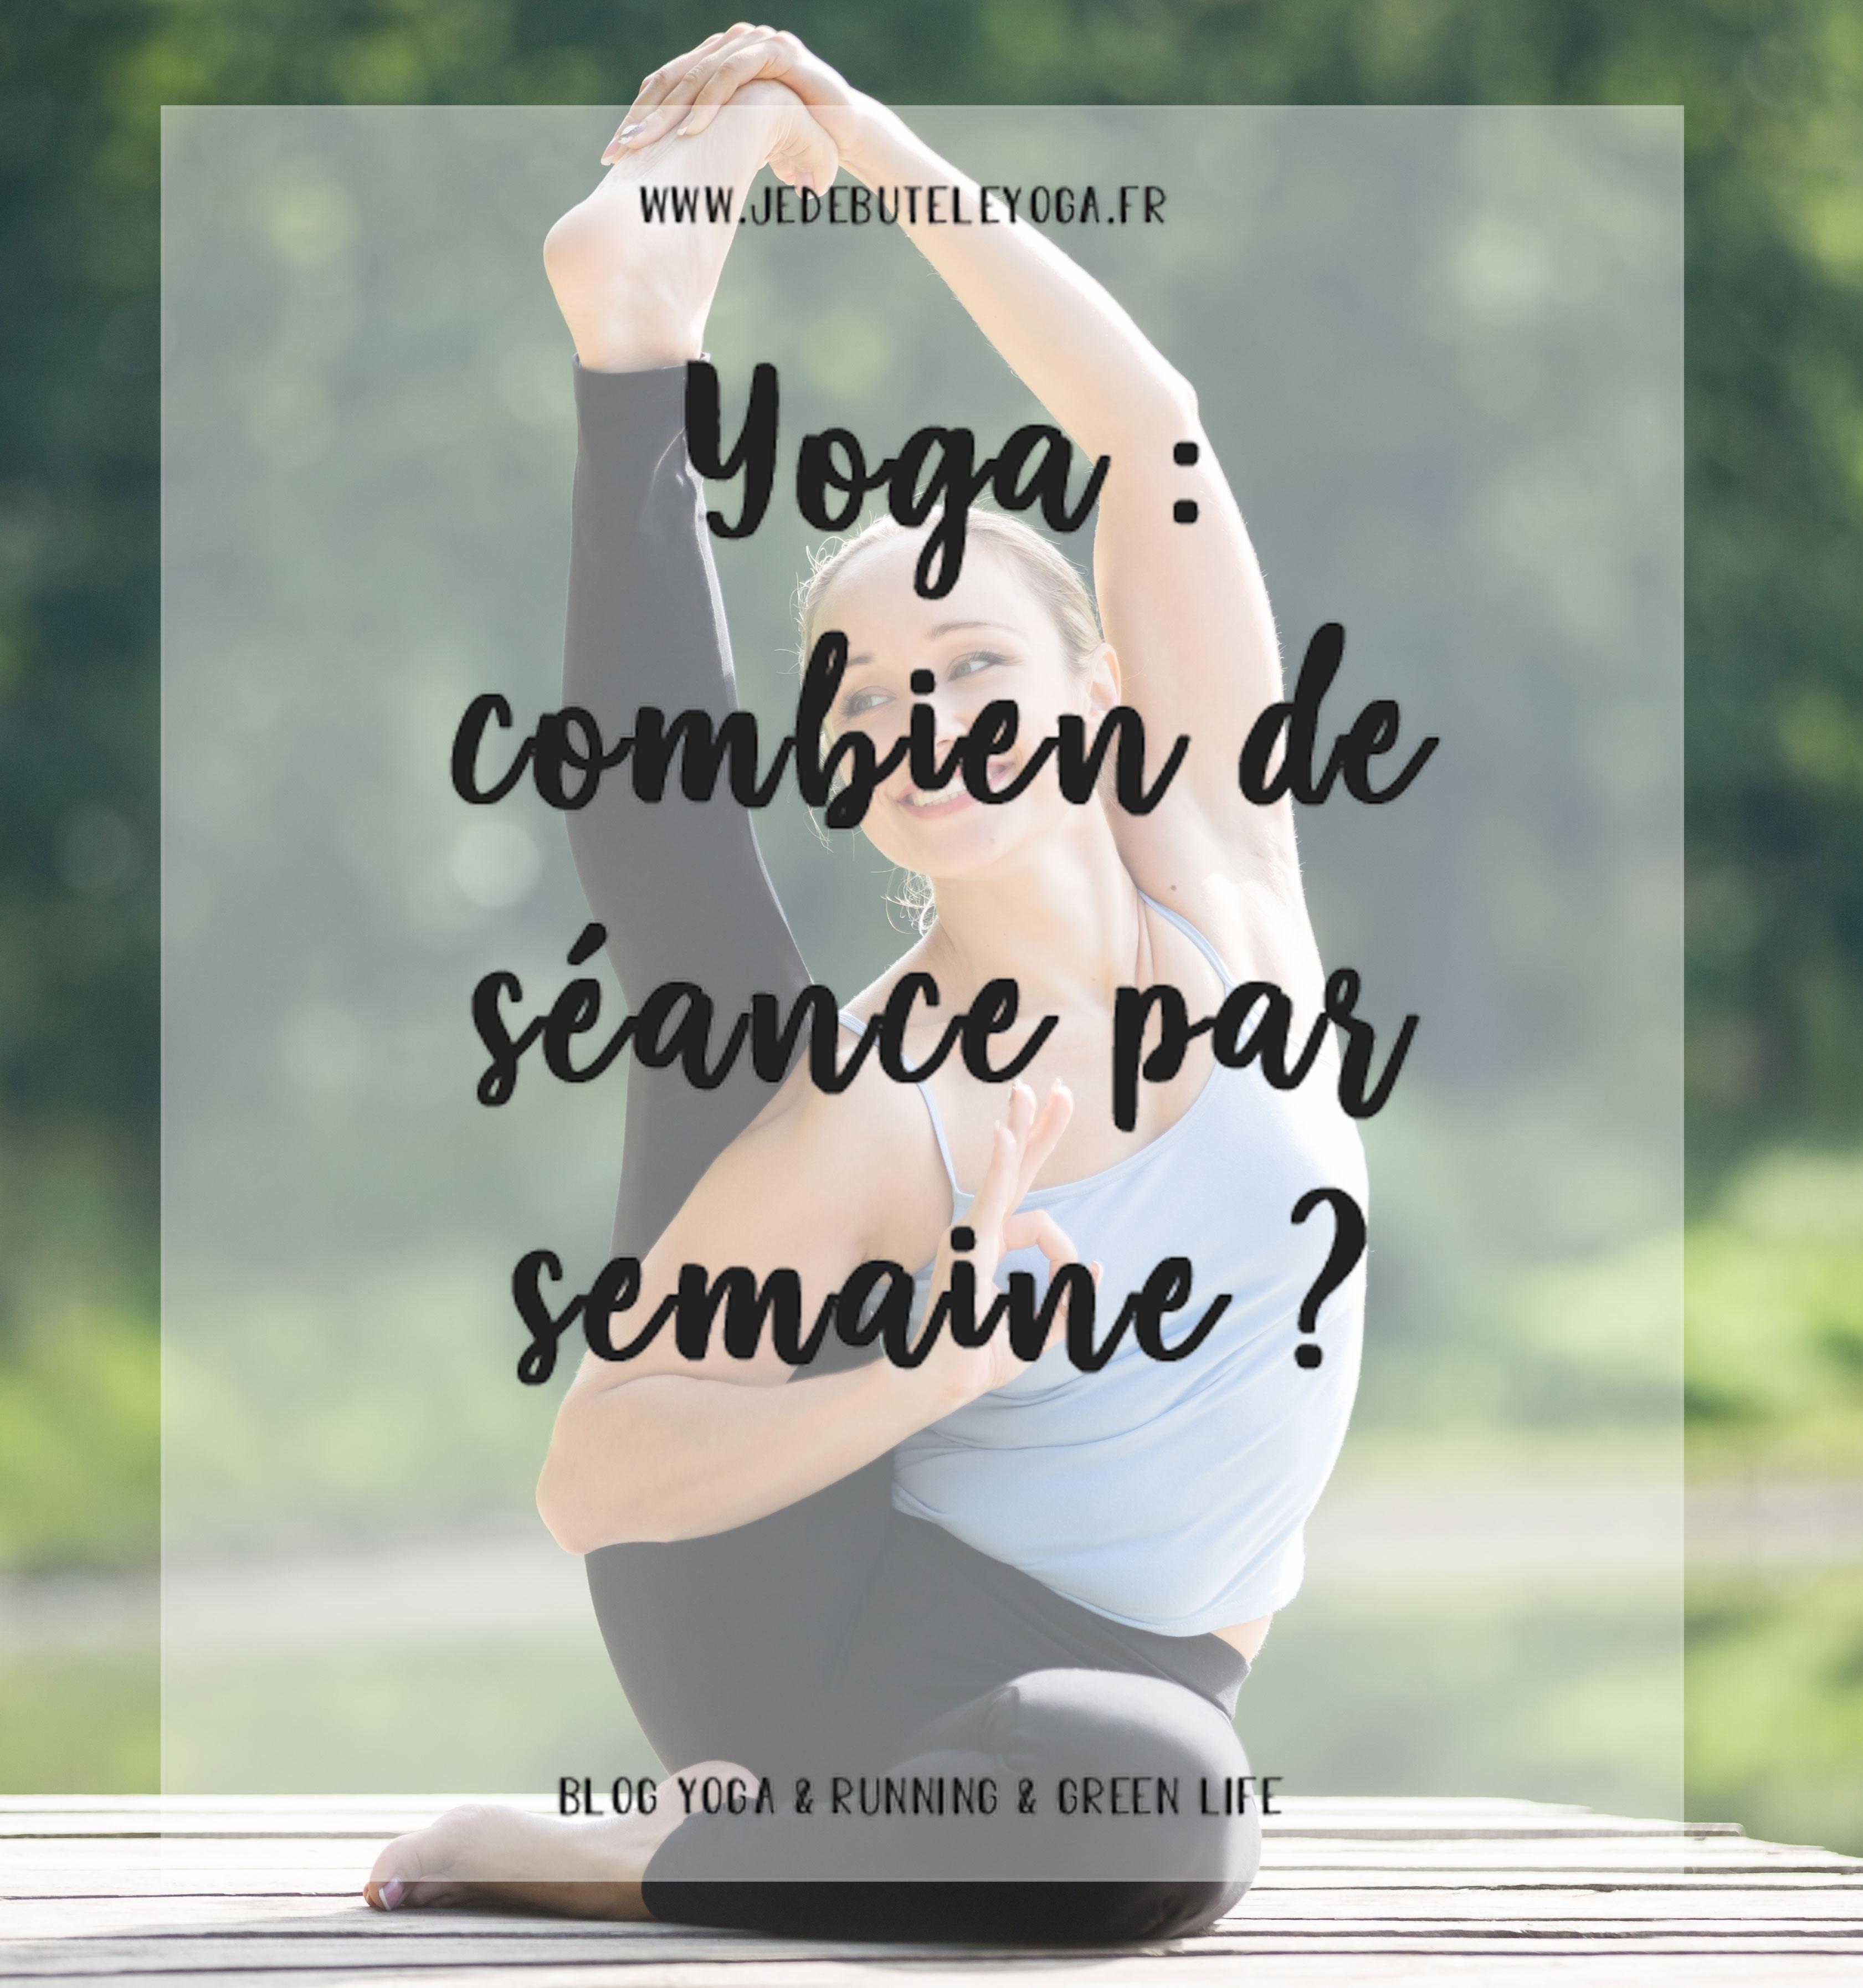 yoga : combien de séance par semaine ?